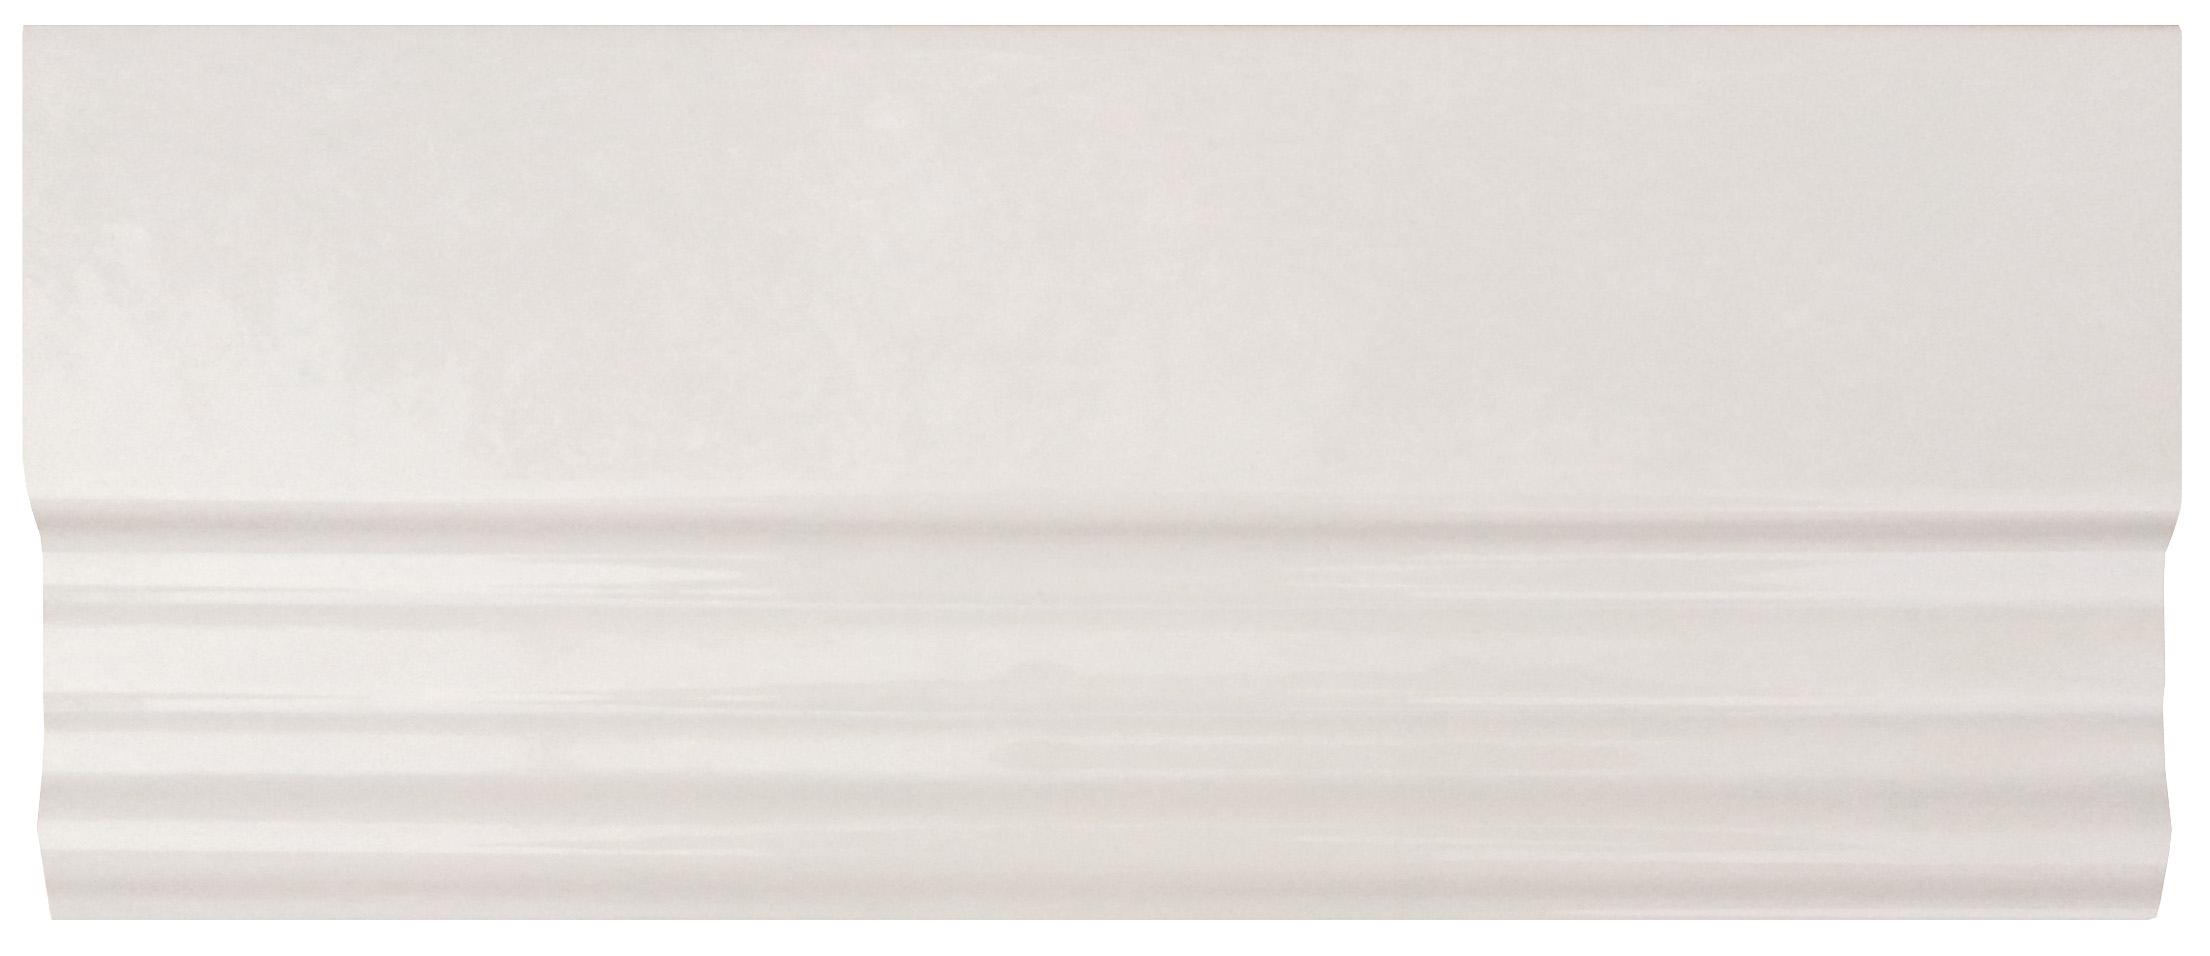 Бордюр FAP Ceramiche Manhattan +14243 White Alzata бордюр fap supernatural cristallo alzata 17 5x30 5